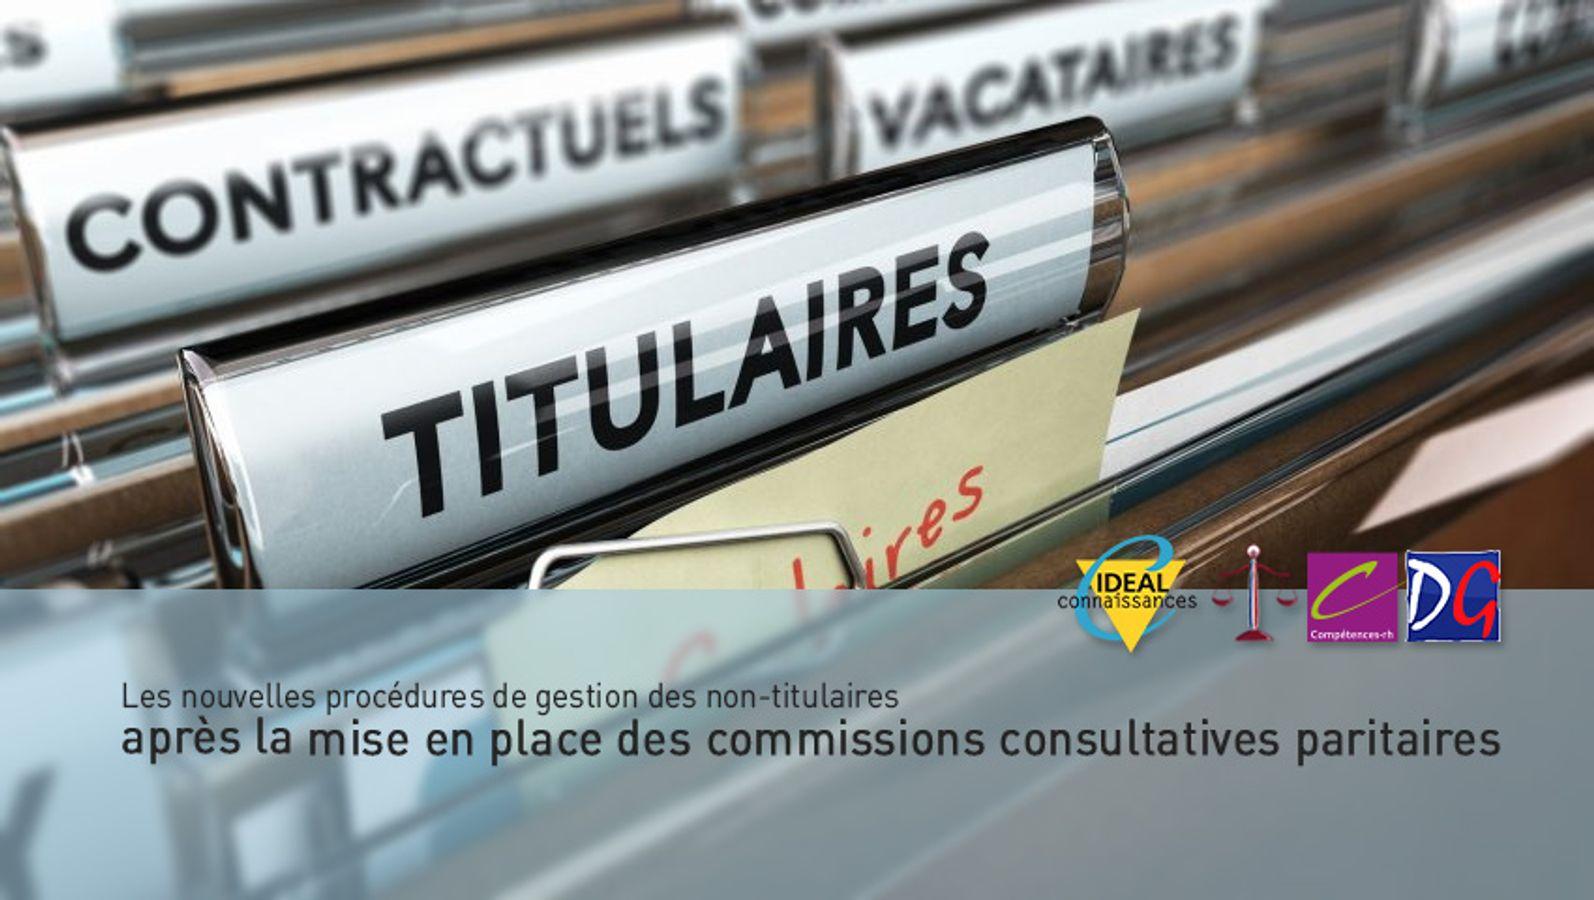 Les nouvelles procédures de gestion des non-titulaires après  la mise en place des commissions consultatives paritaires